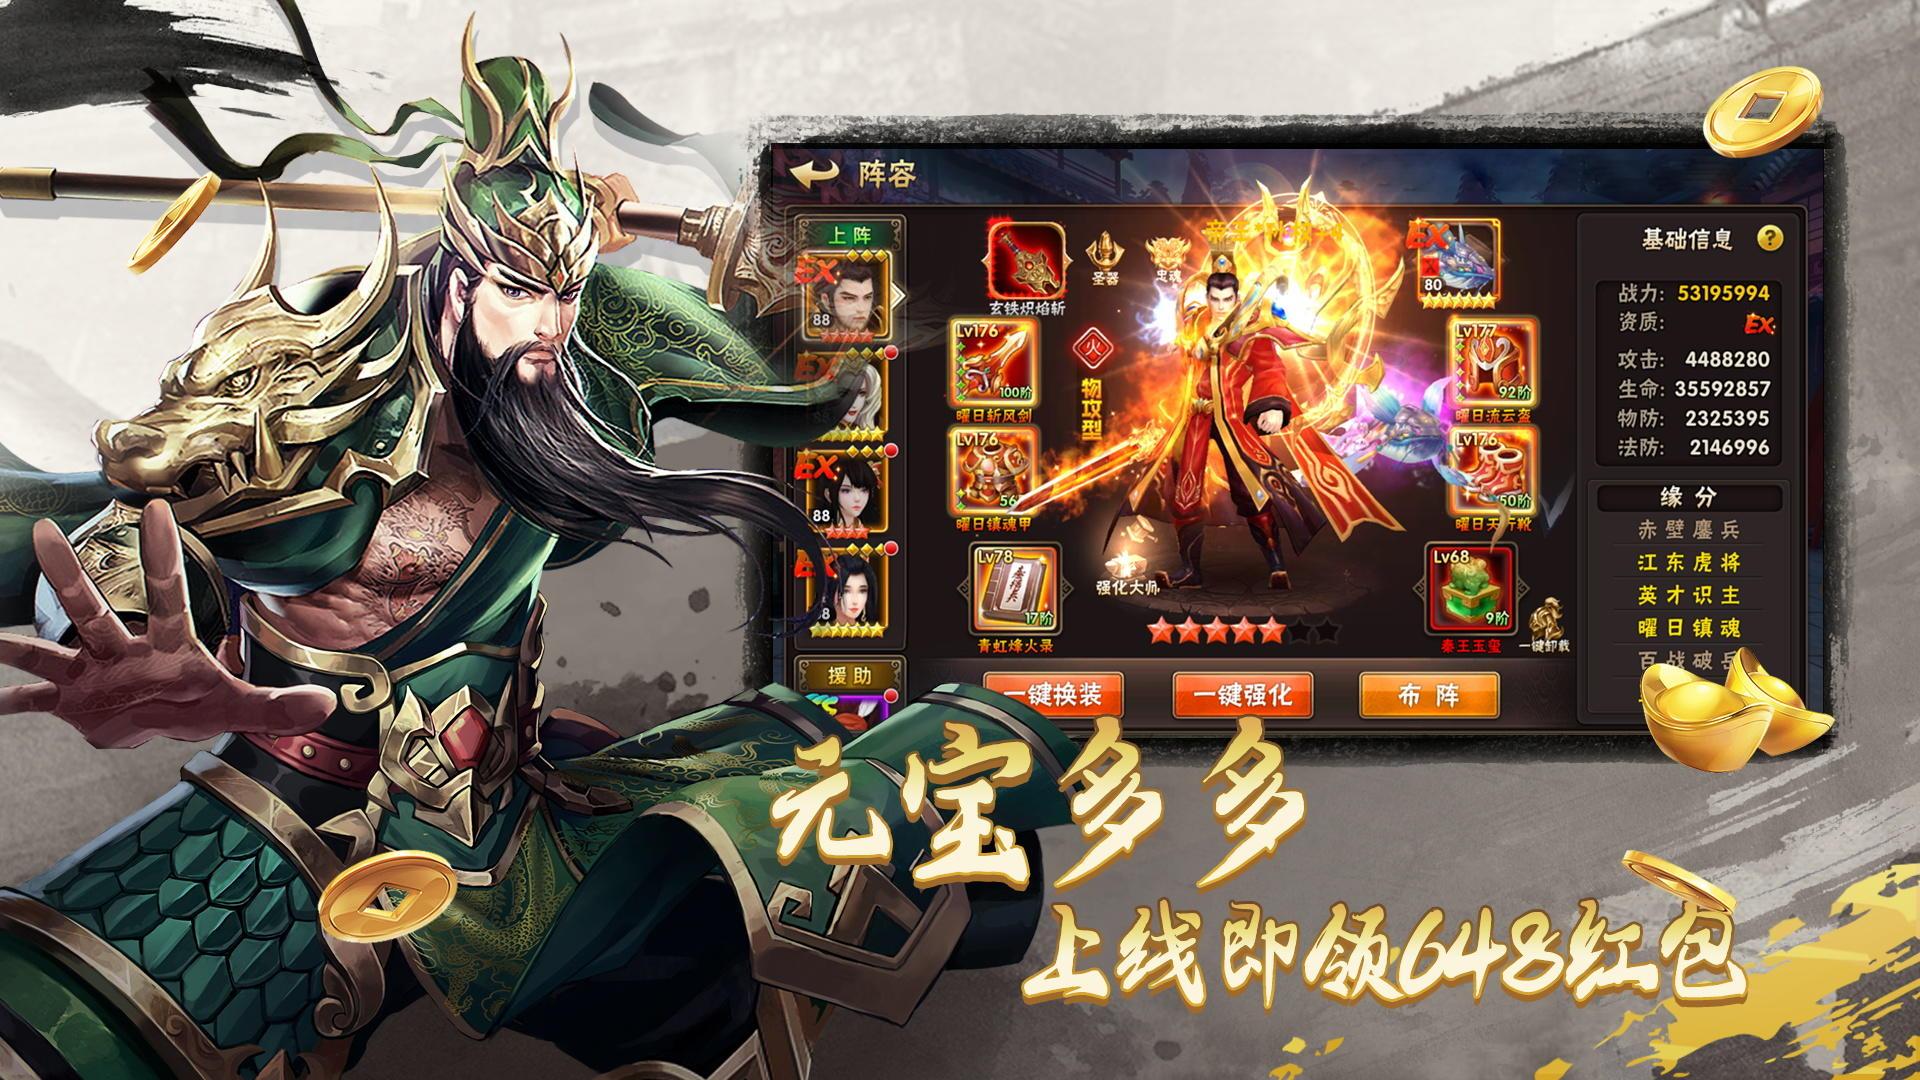 崛起:终极王者 游戏图集(3)